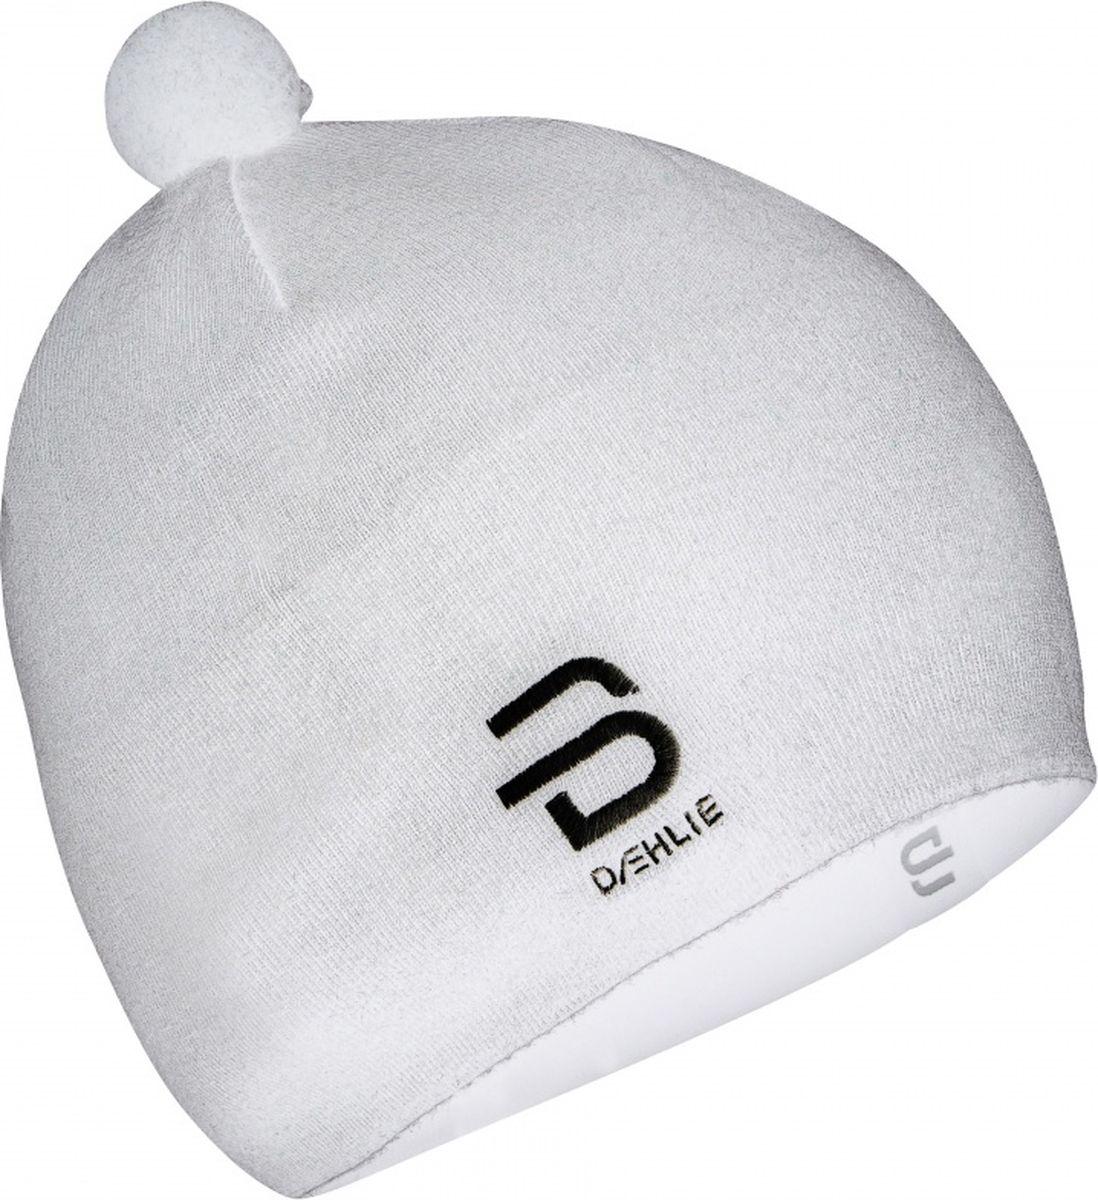 Шапка Bjorn Daehlie носки bjorn daehlie athlete light цвет белый 331084 12000 размер l 43 46